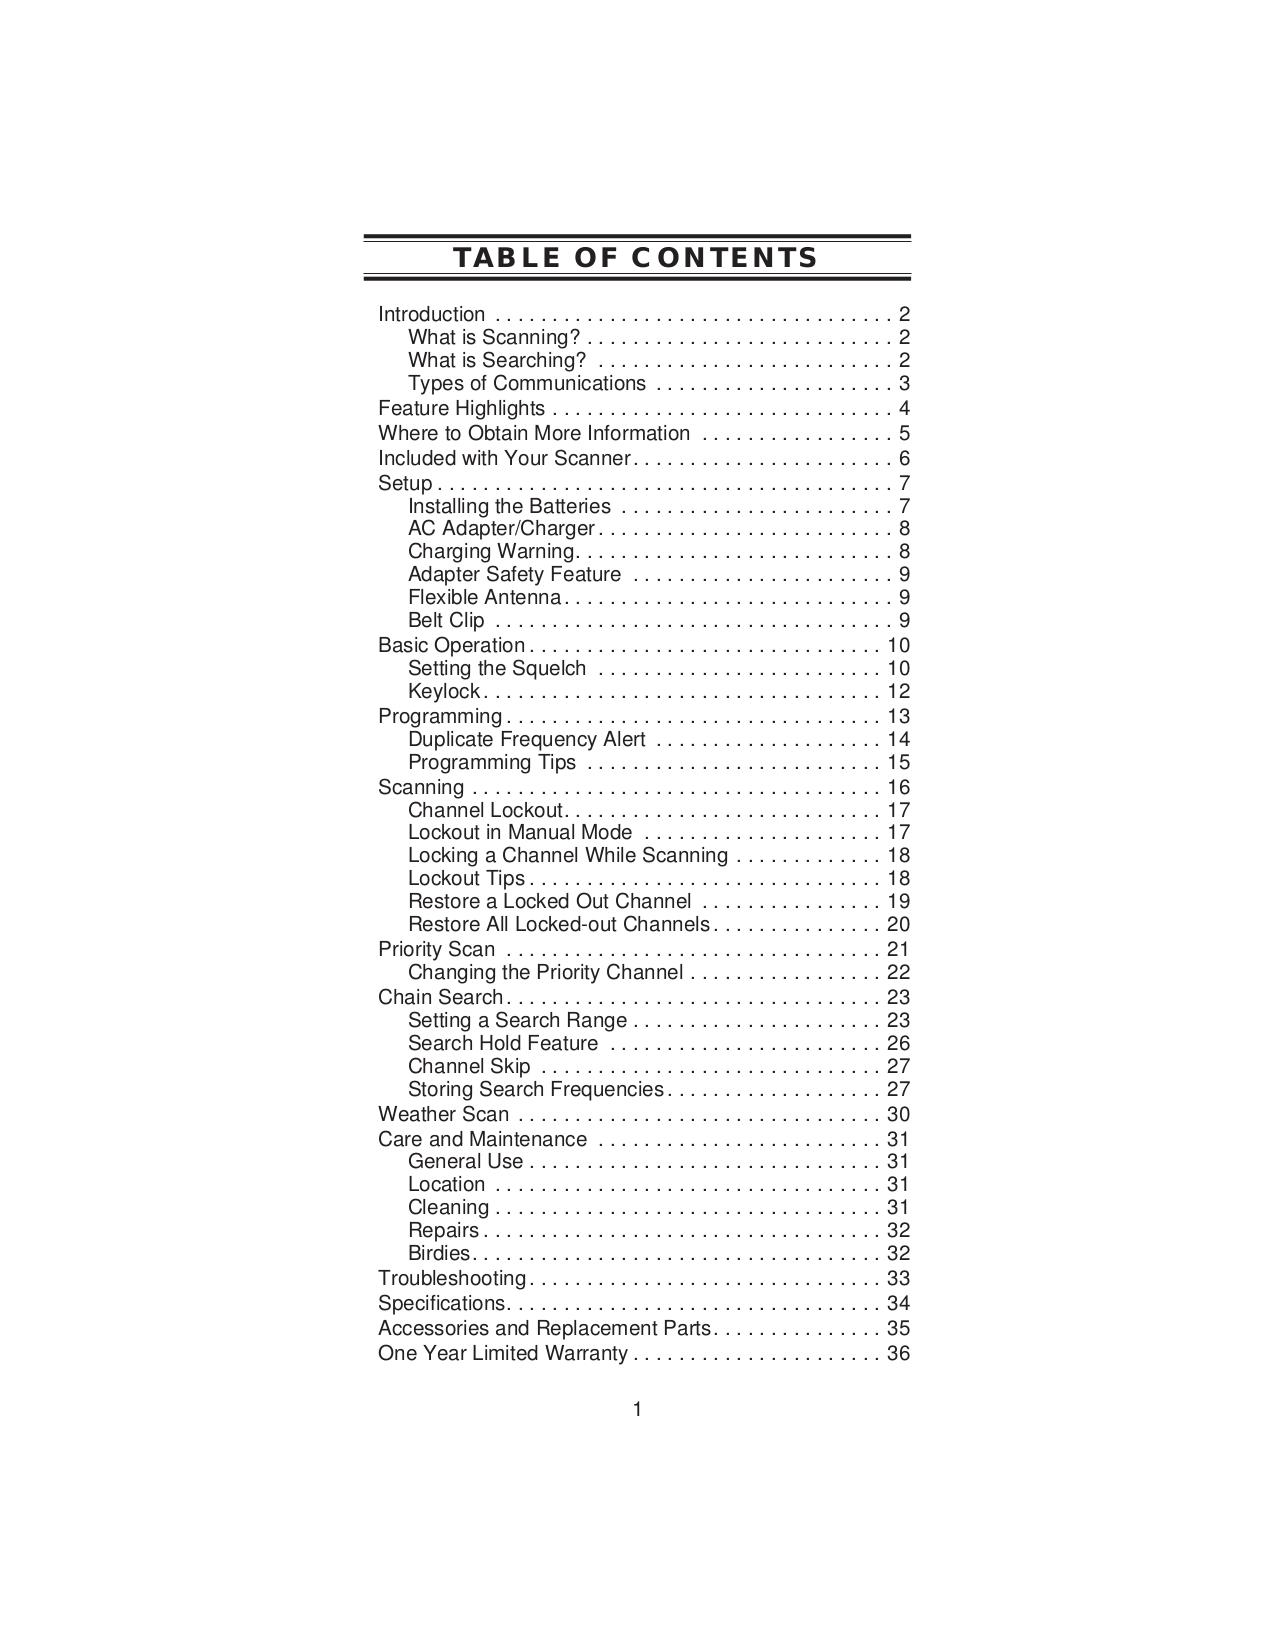 download free pdf for uniden bc60xlt scanner manual rh umlib com uniden bearcat 60xlt manual Uniden Owner's Manual